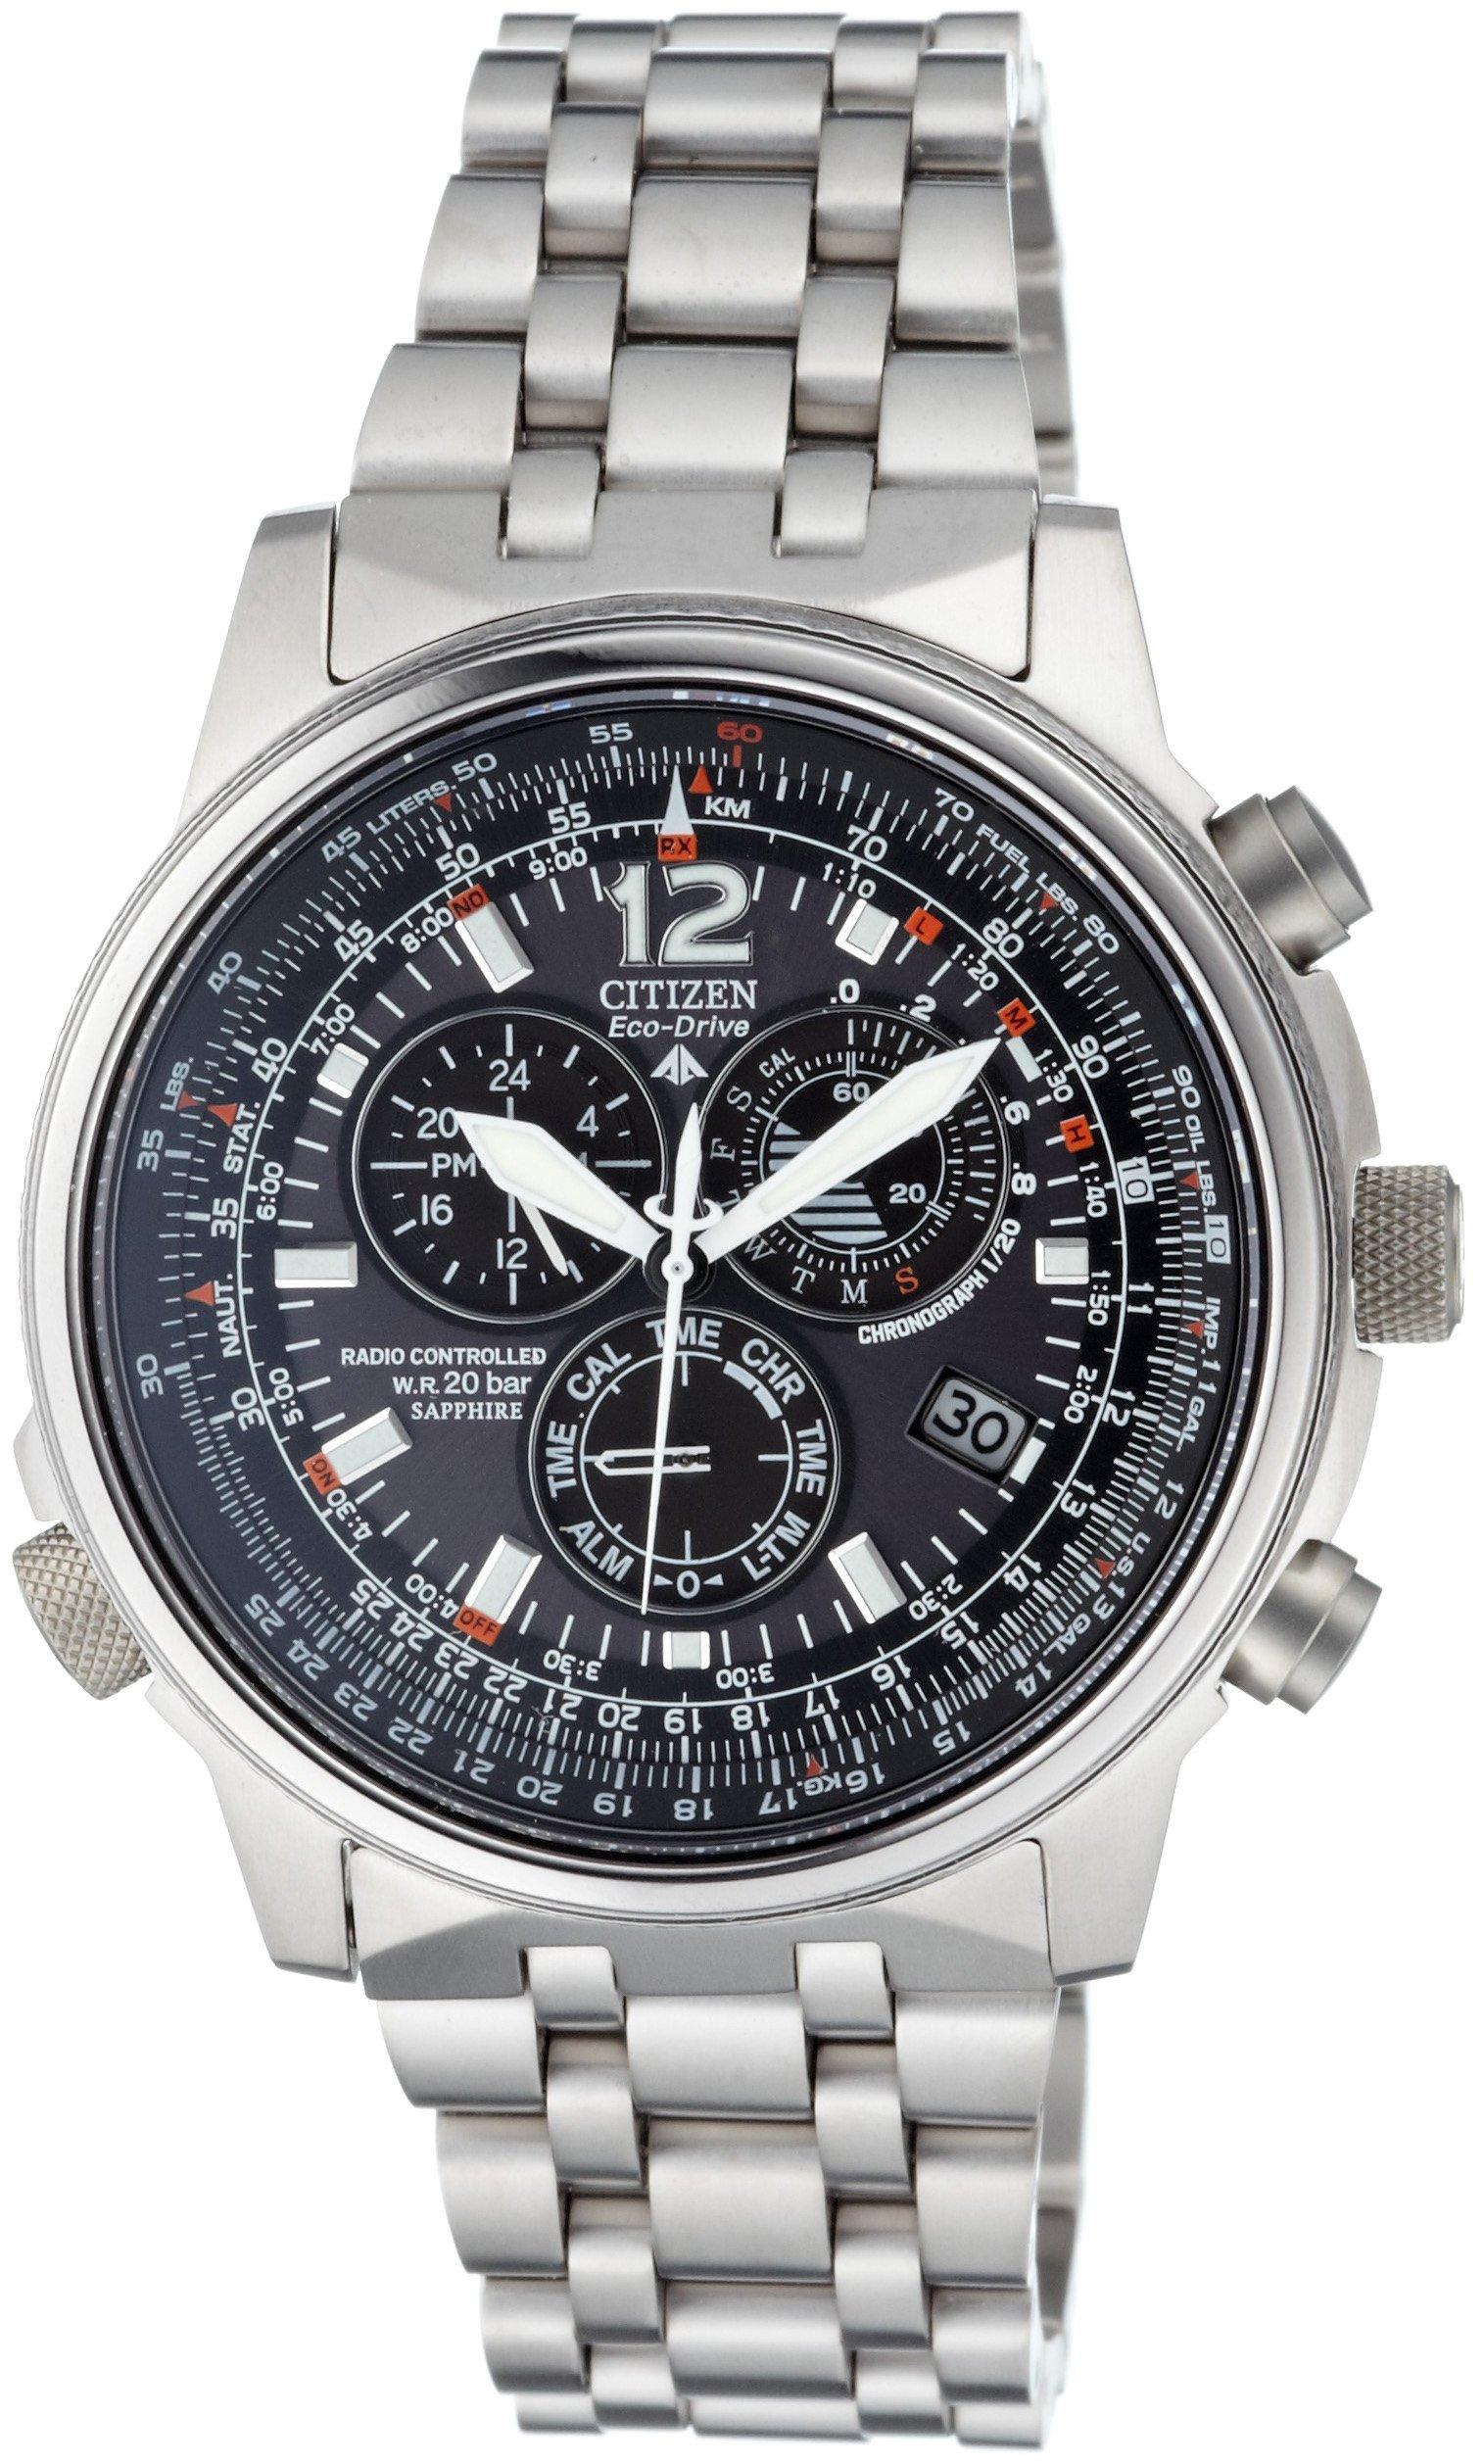 Citizen AS4050-51E - Reloj cronógrafo Ecodrive para hombre, correa de titanio color plateado 2